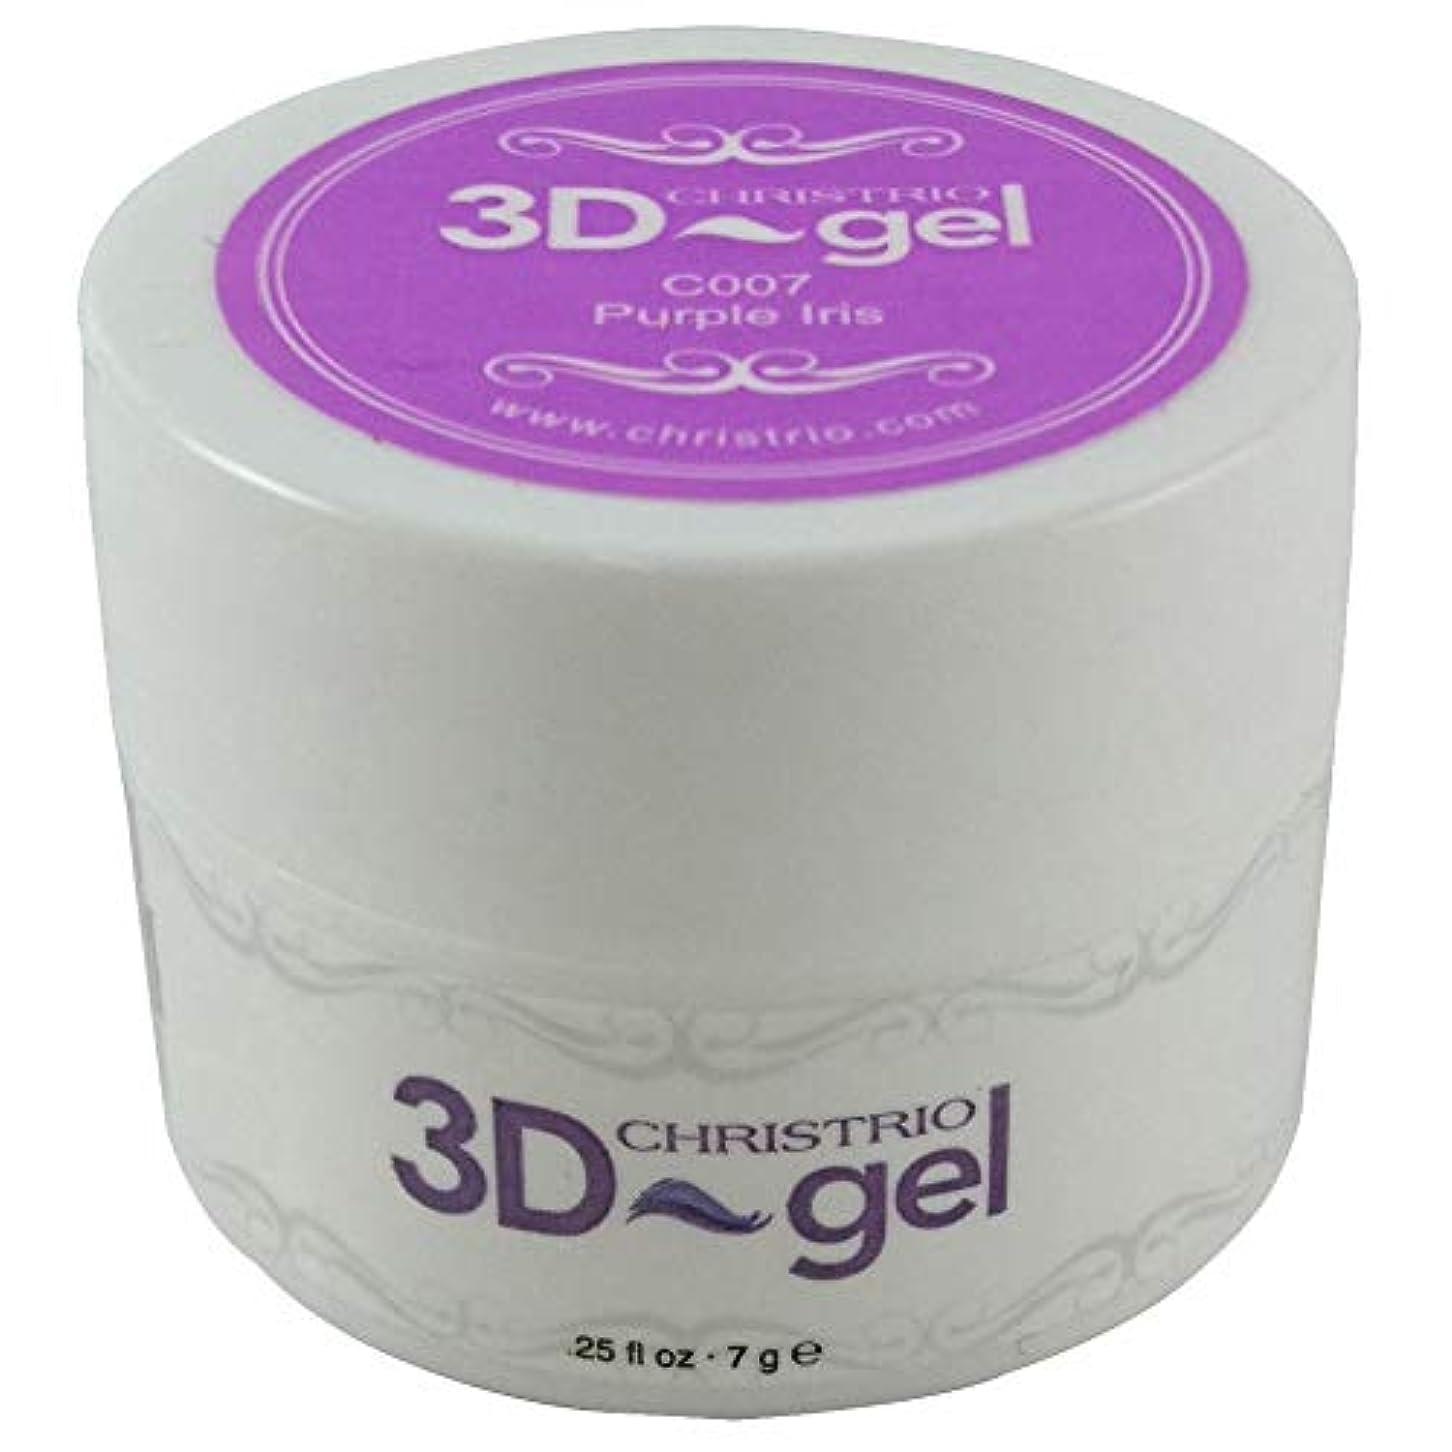 CHRISTRIO 3Dジェル 7g C007 パープルアイリス